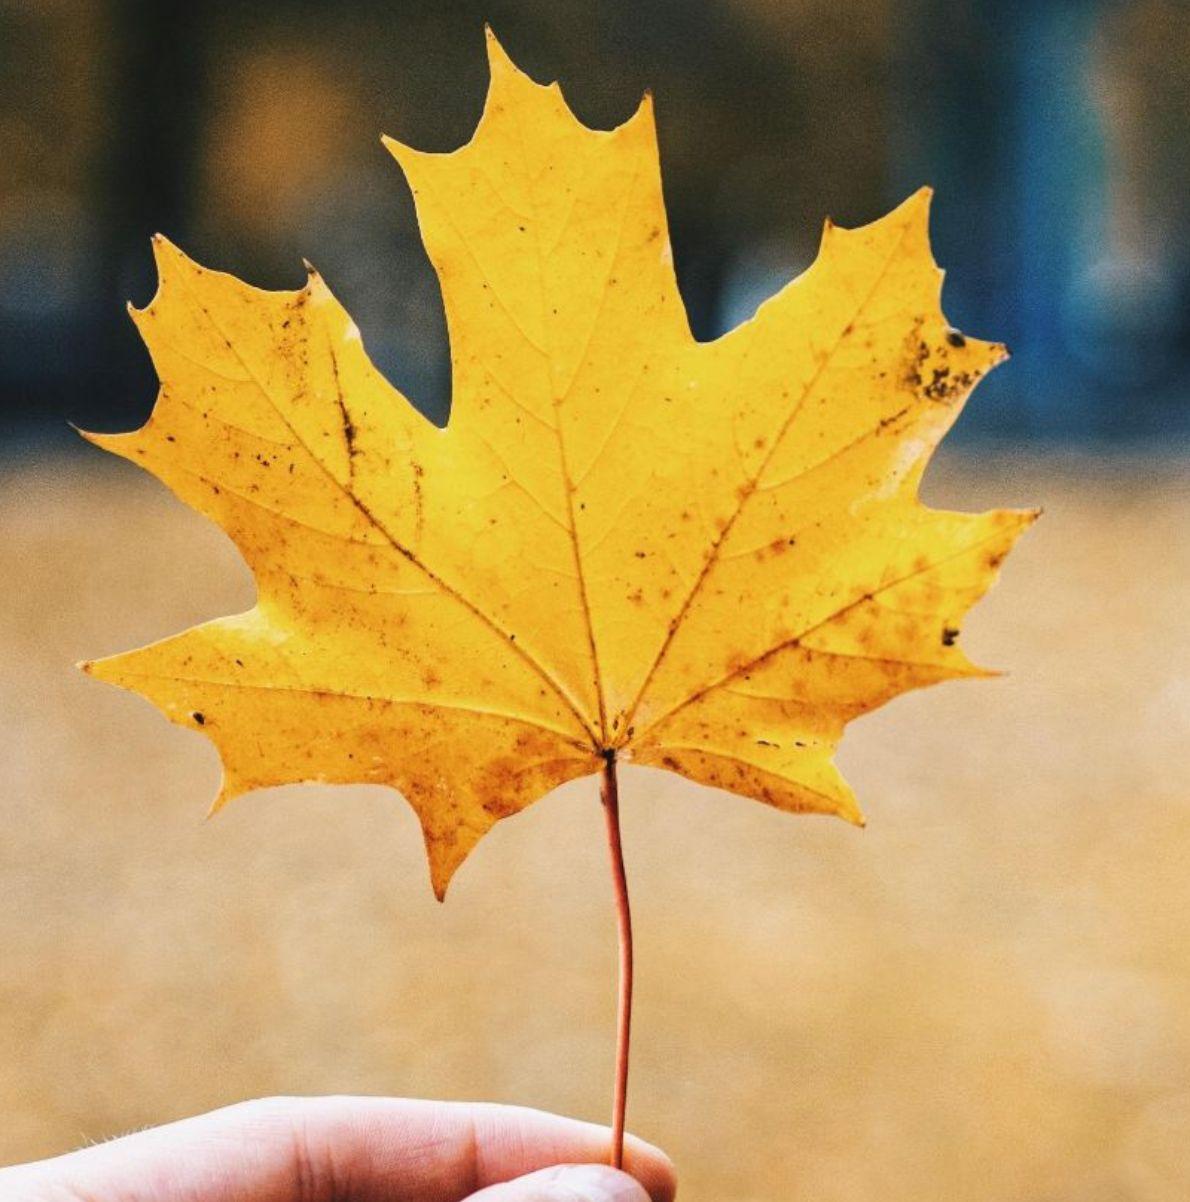 Ochutnejte barvy podzimu!